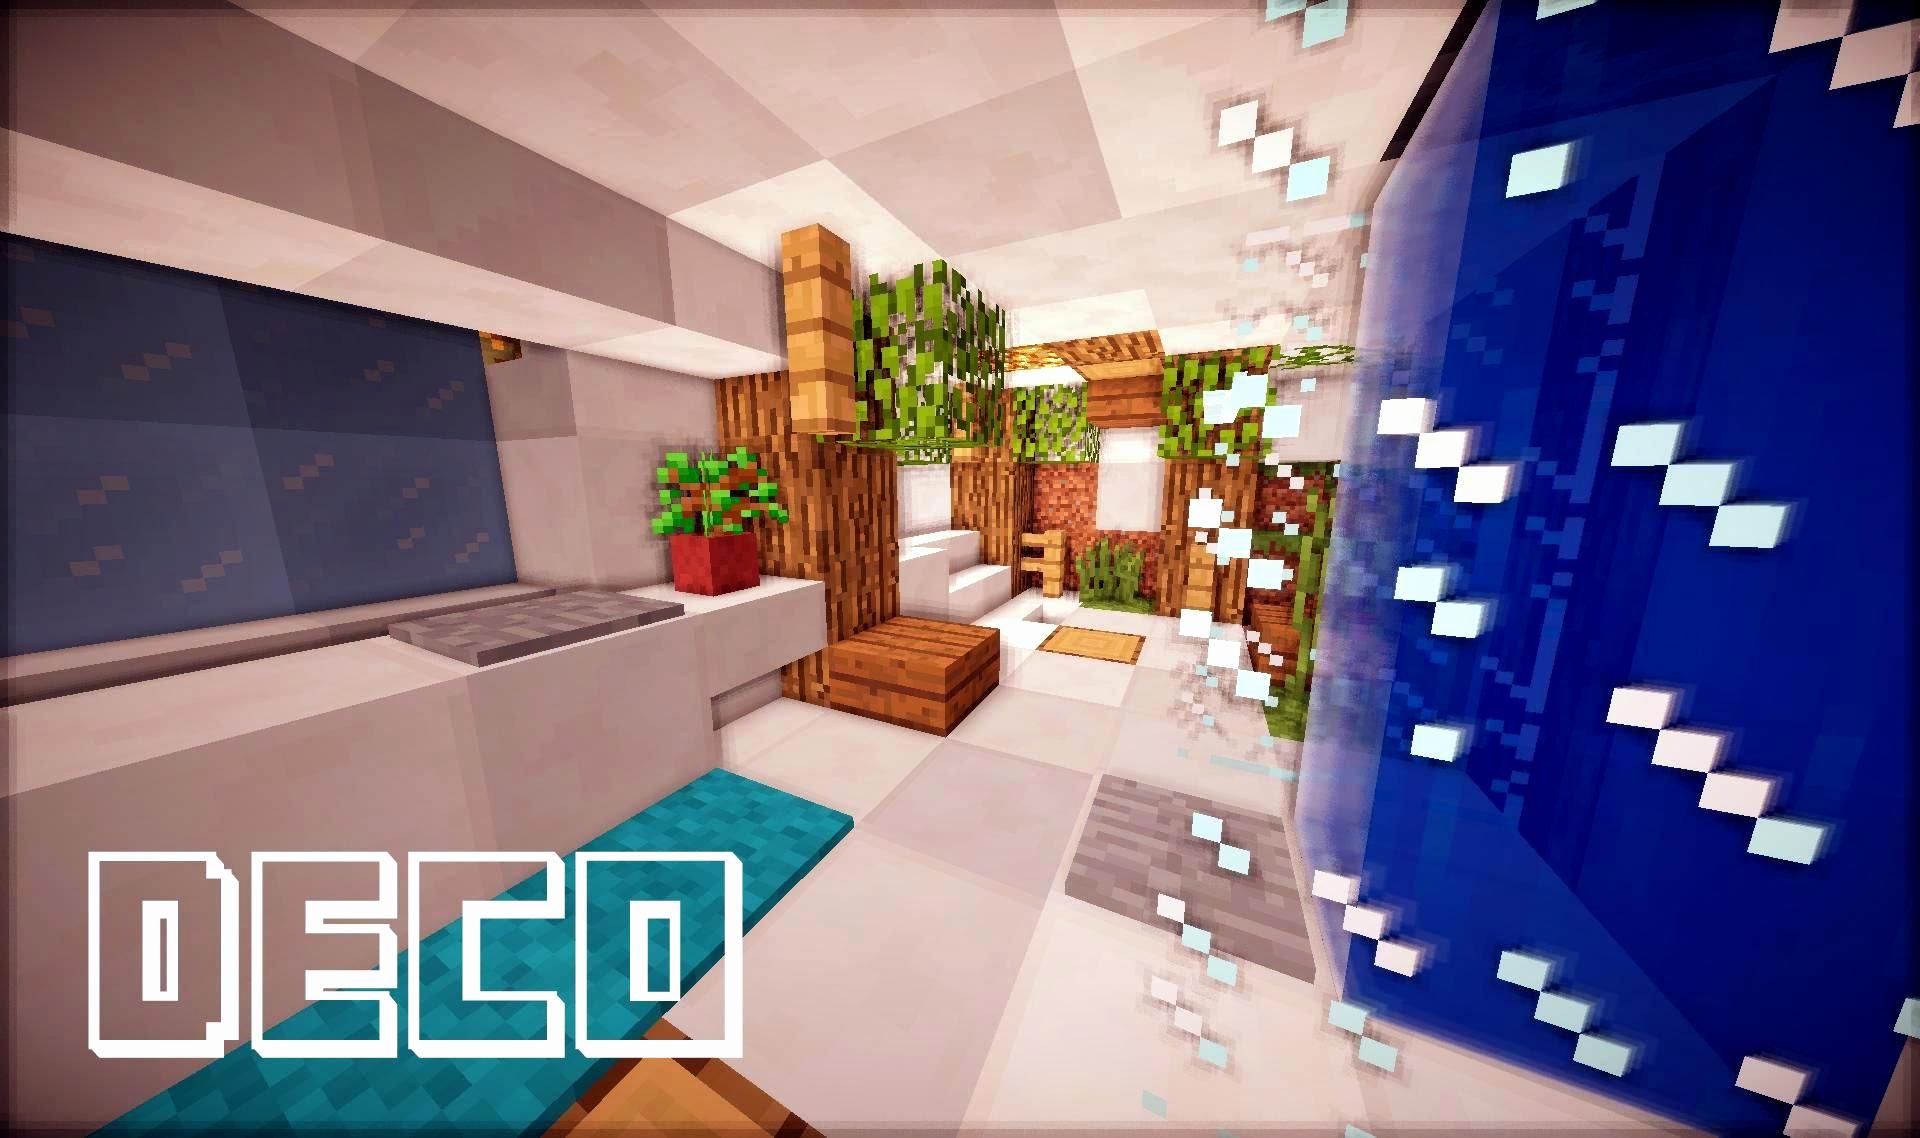 Salle De Bain Moderne Minecraft Impressionnant Photos Jolie Salle De Bain Moderne Beau Belle Salle De Bain Minecraft